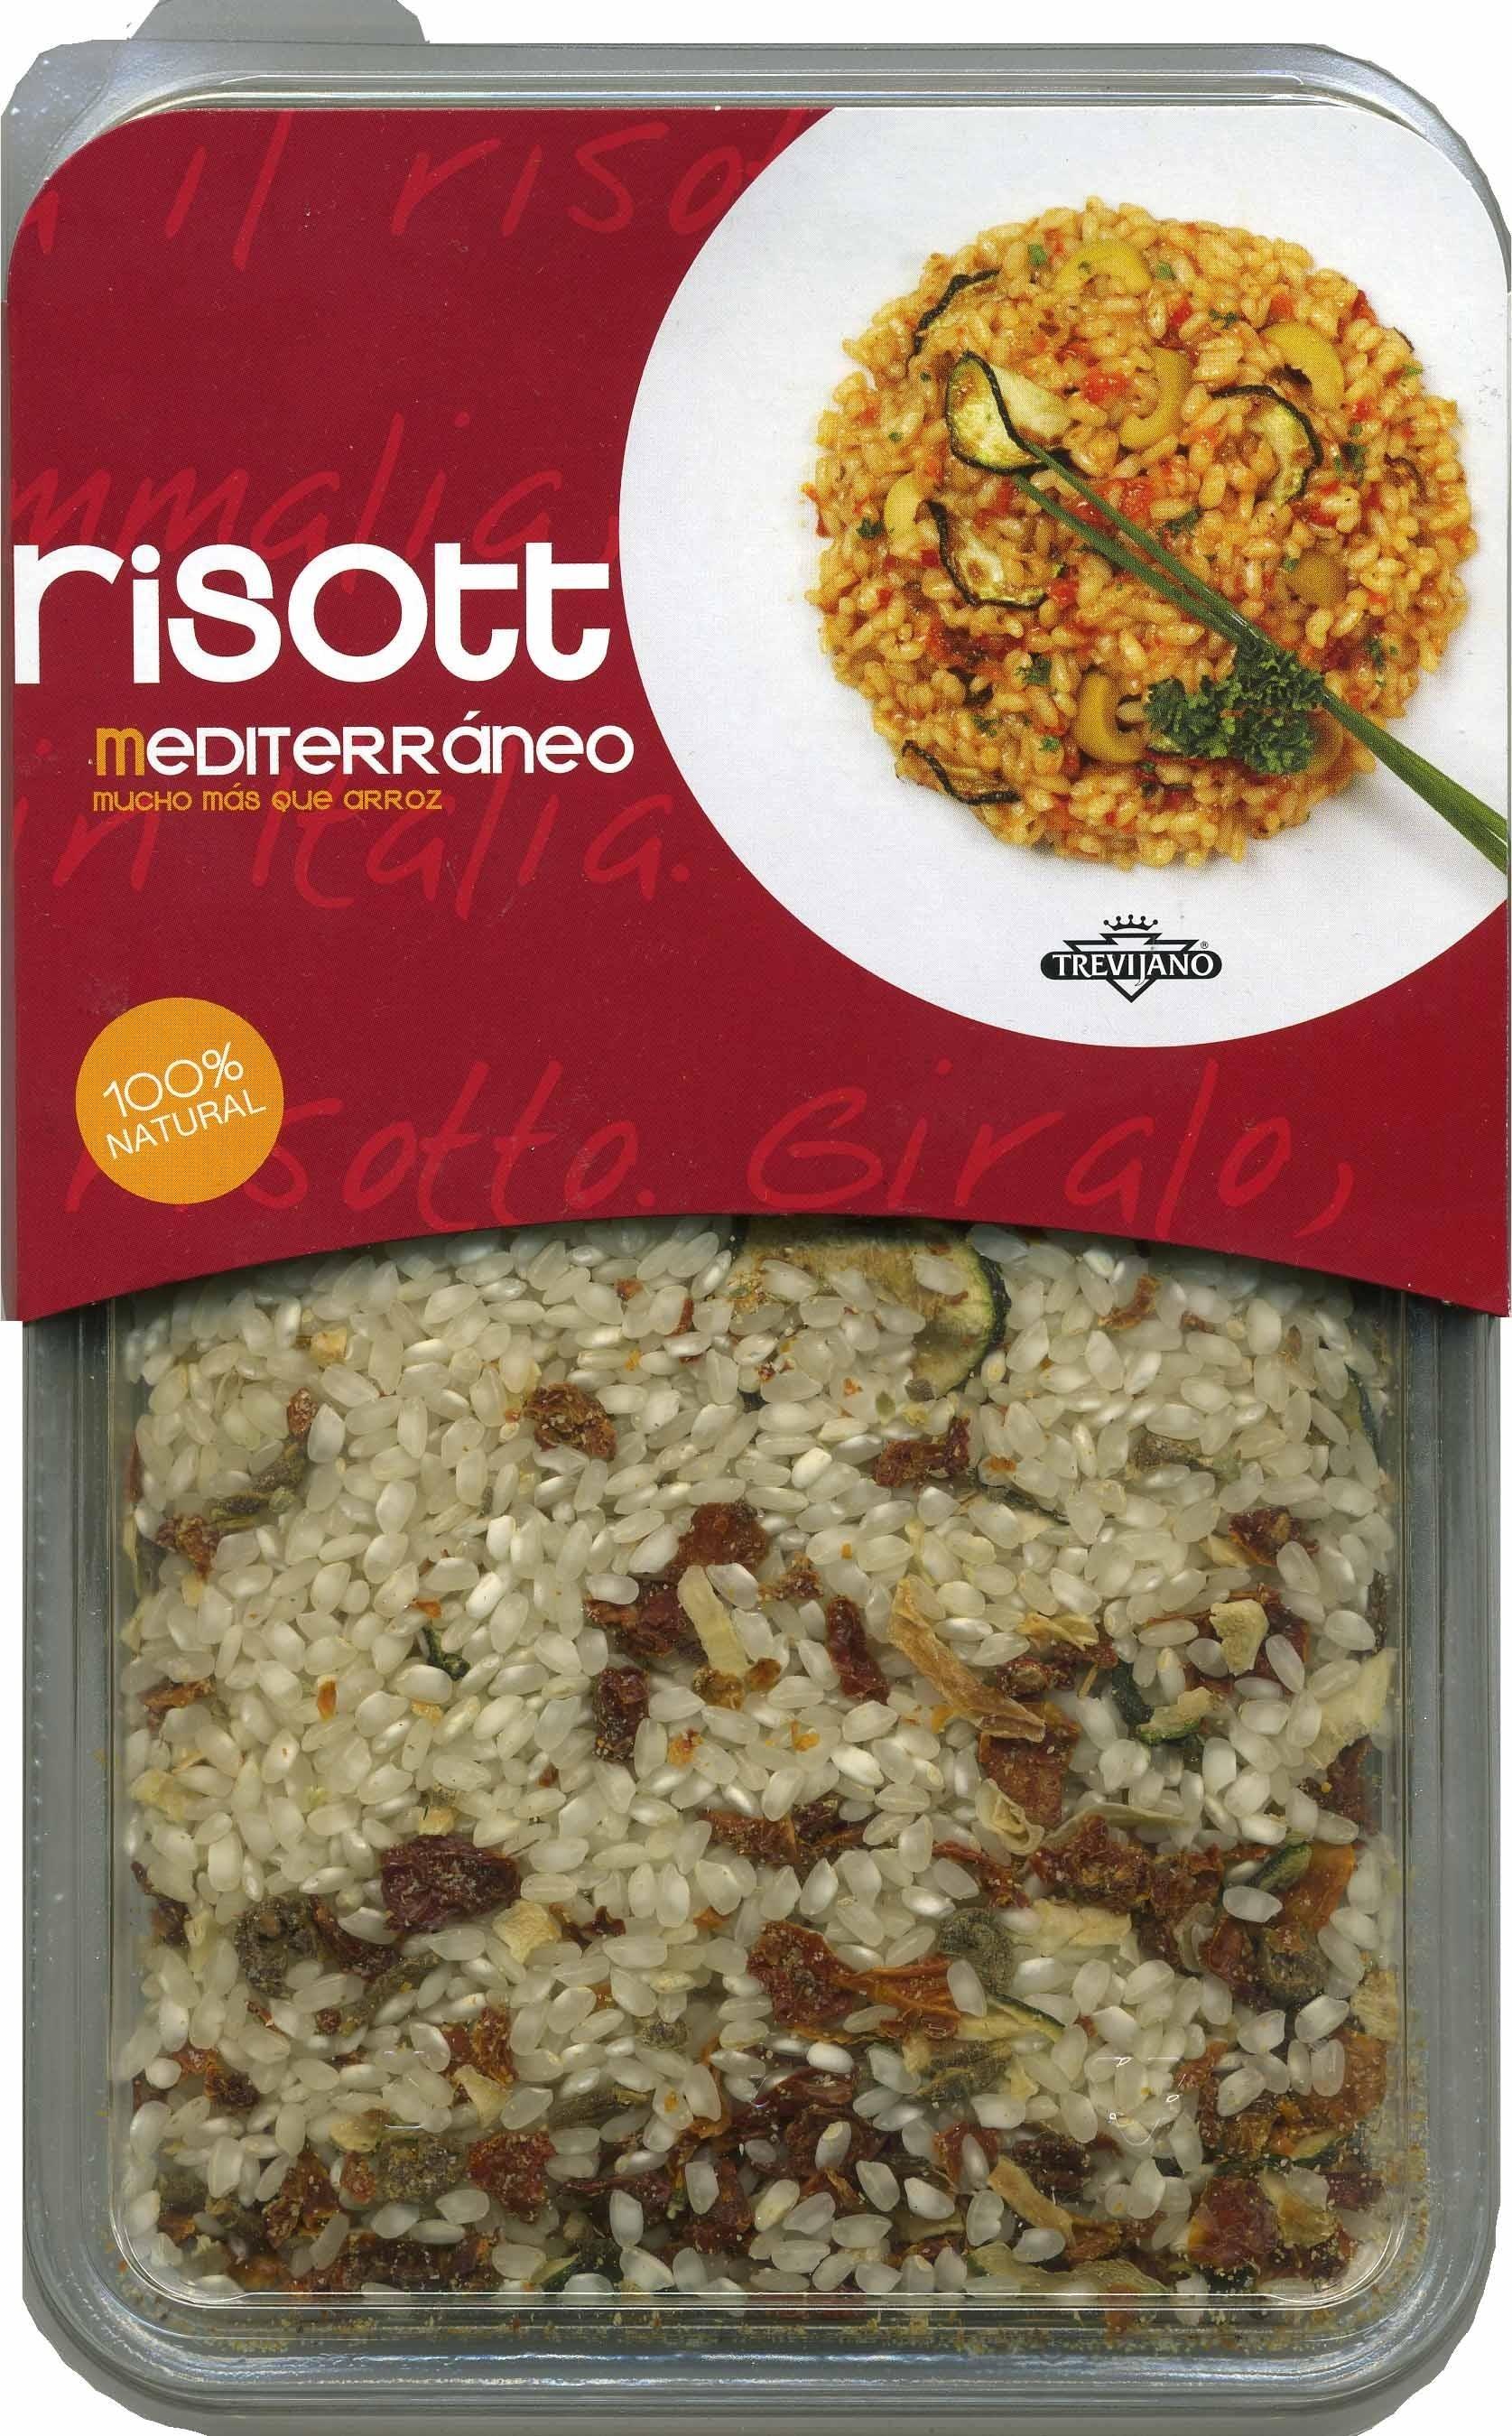 Trevijano, mediterranean risotto - Product